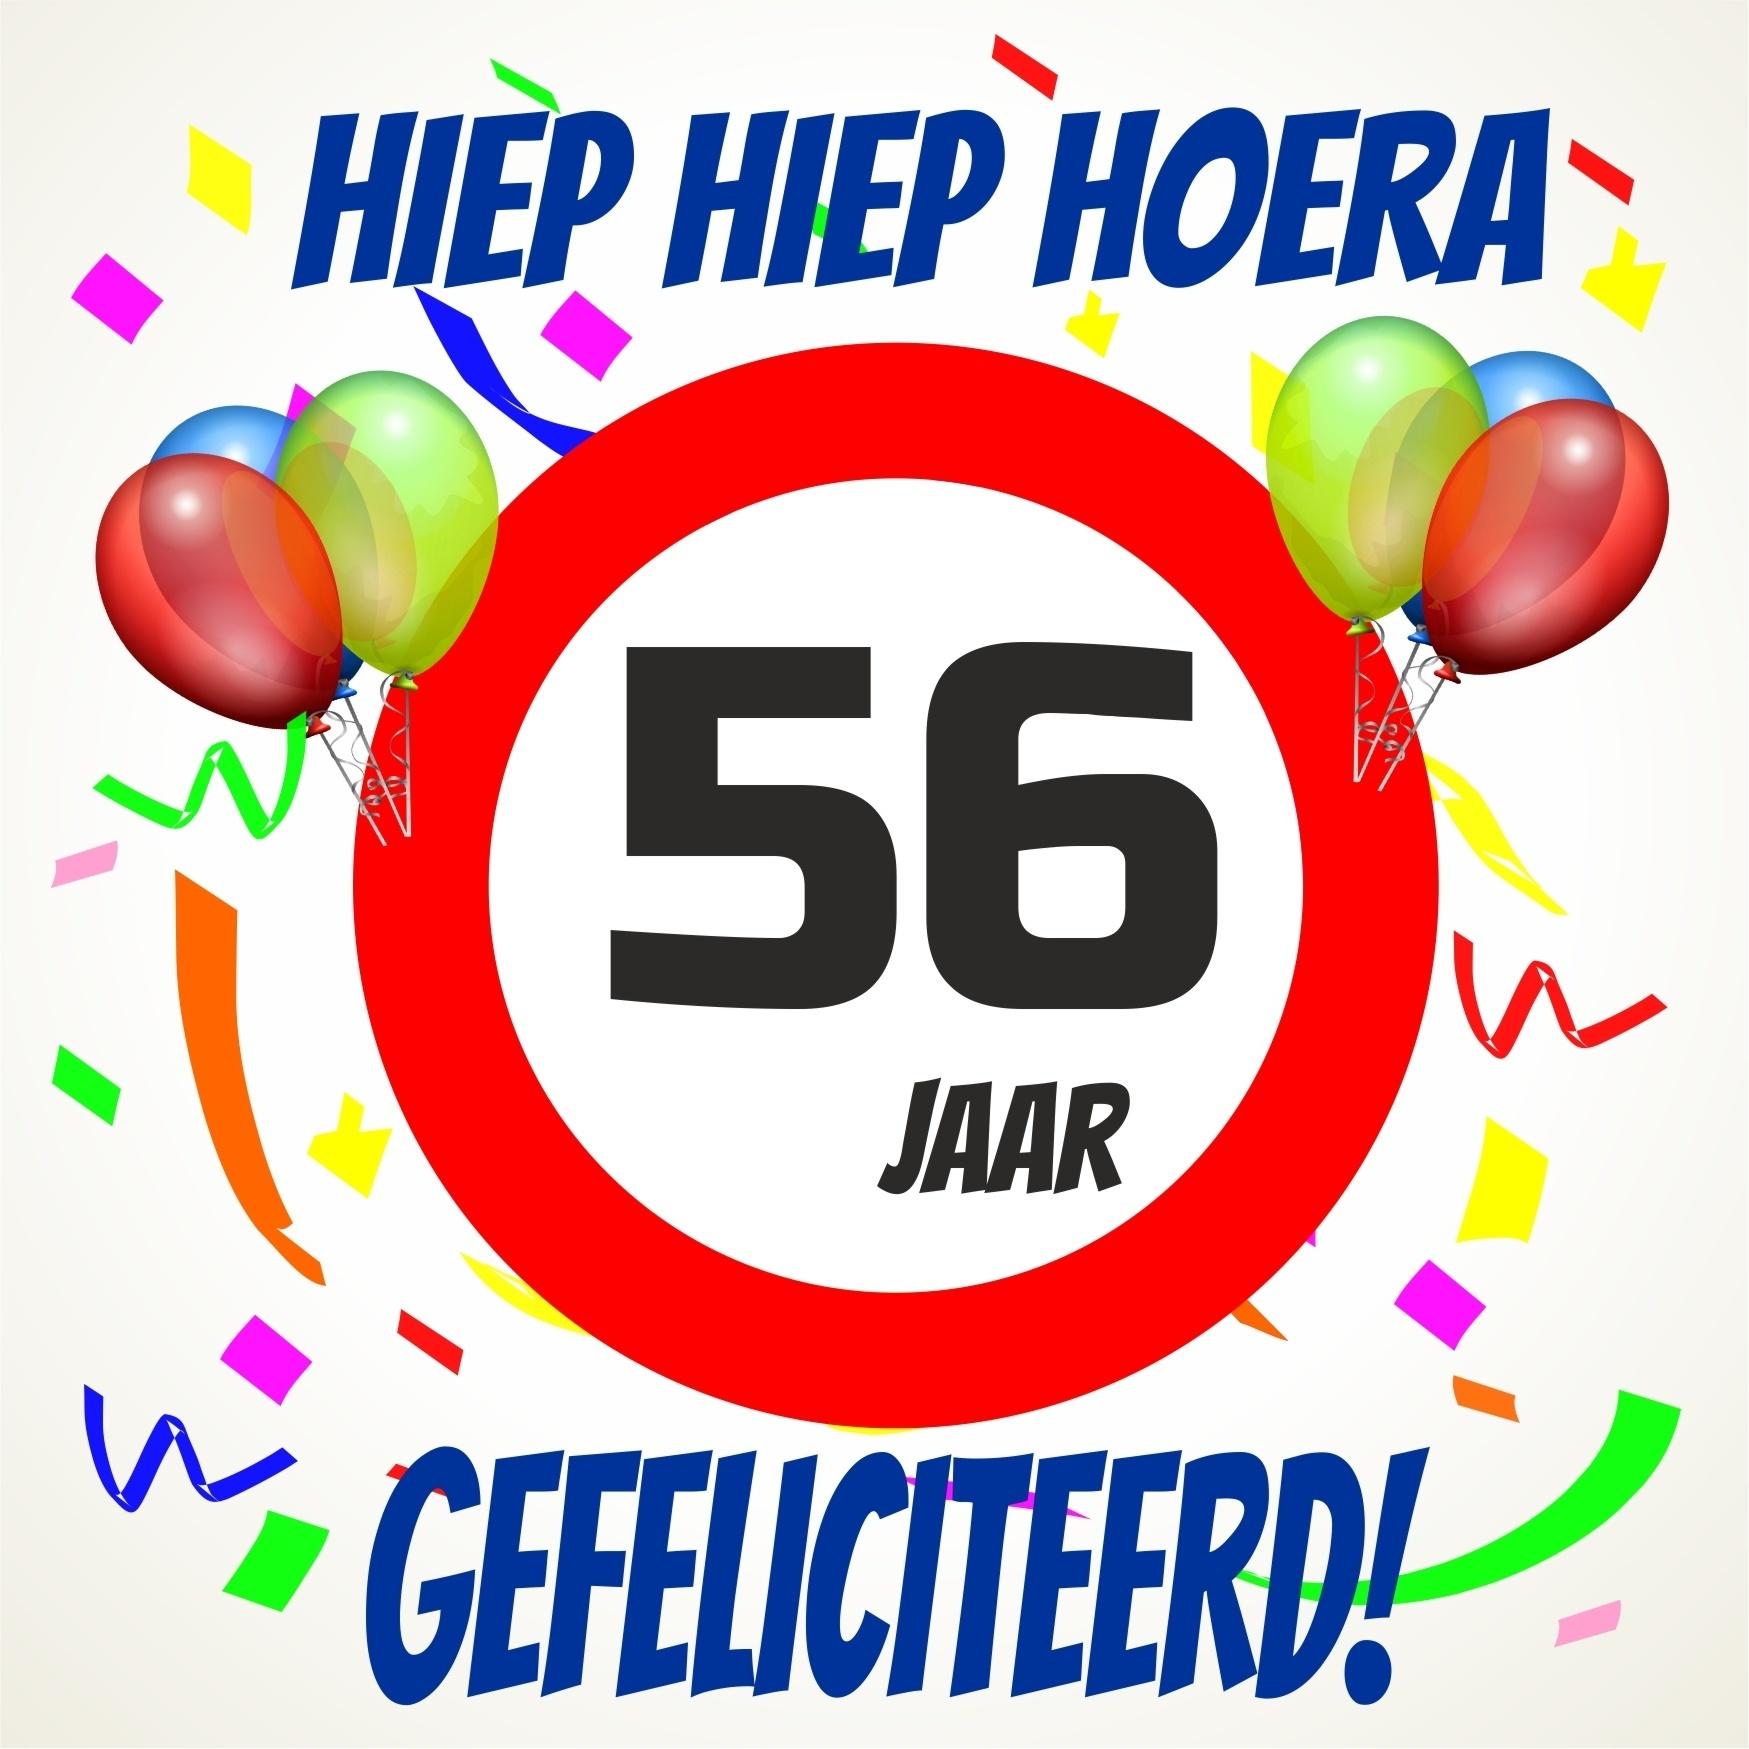 56 Jaar Gefeliciteerd